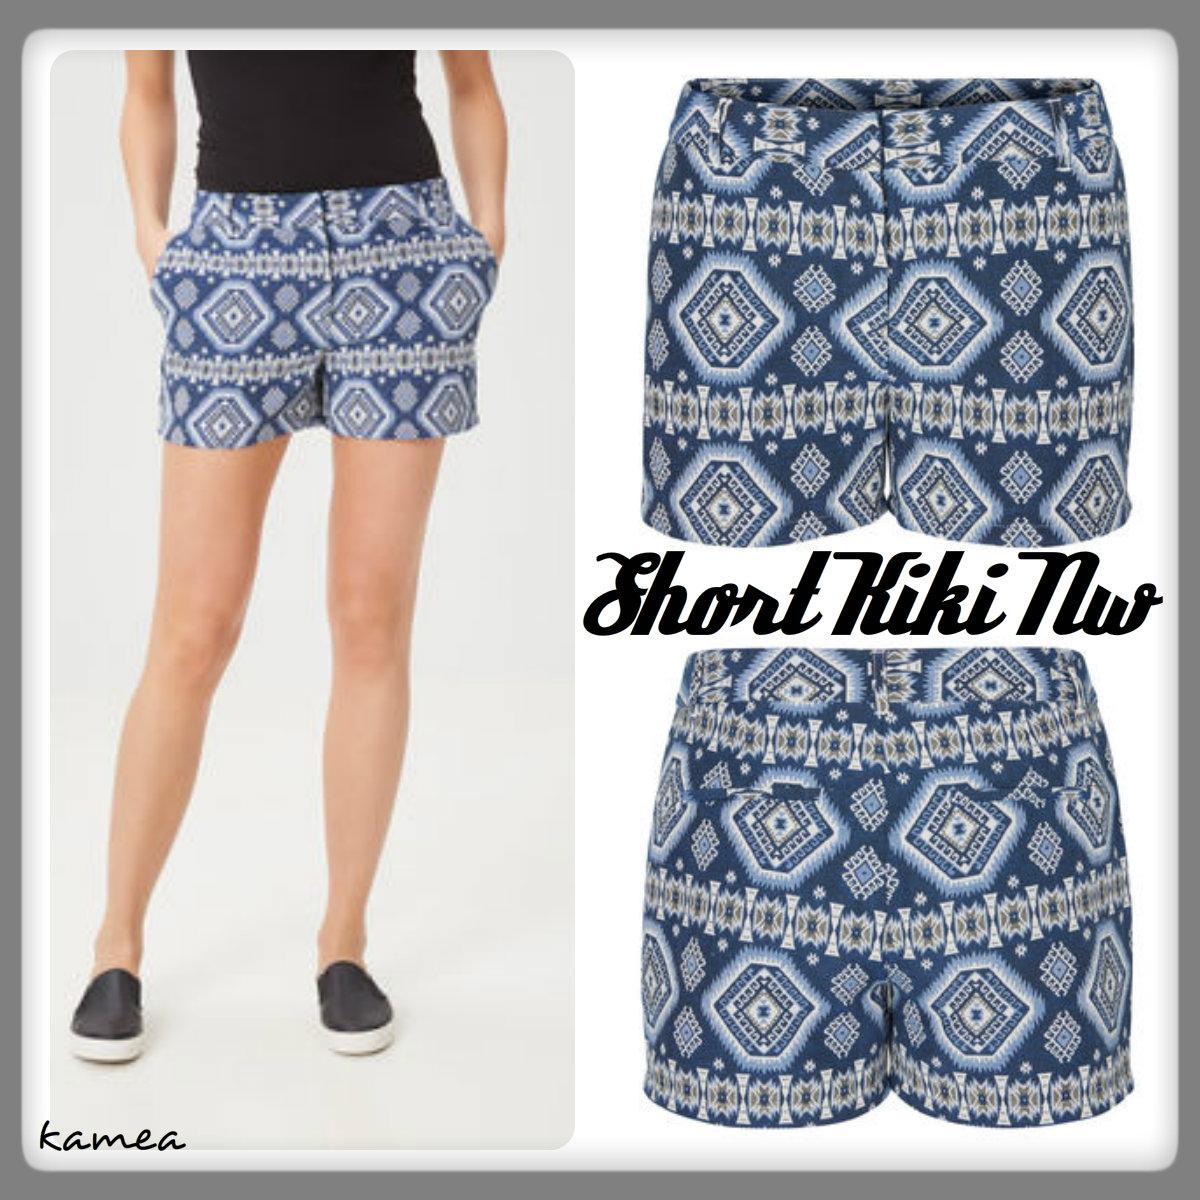 short kiki